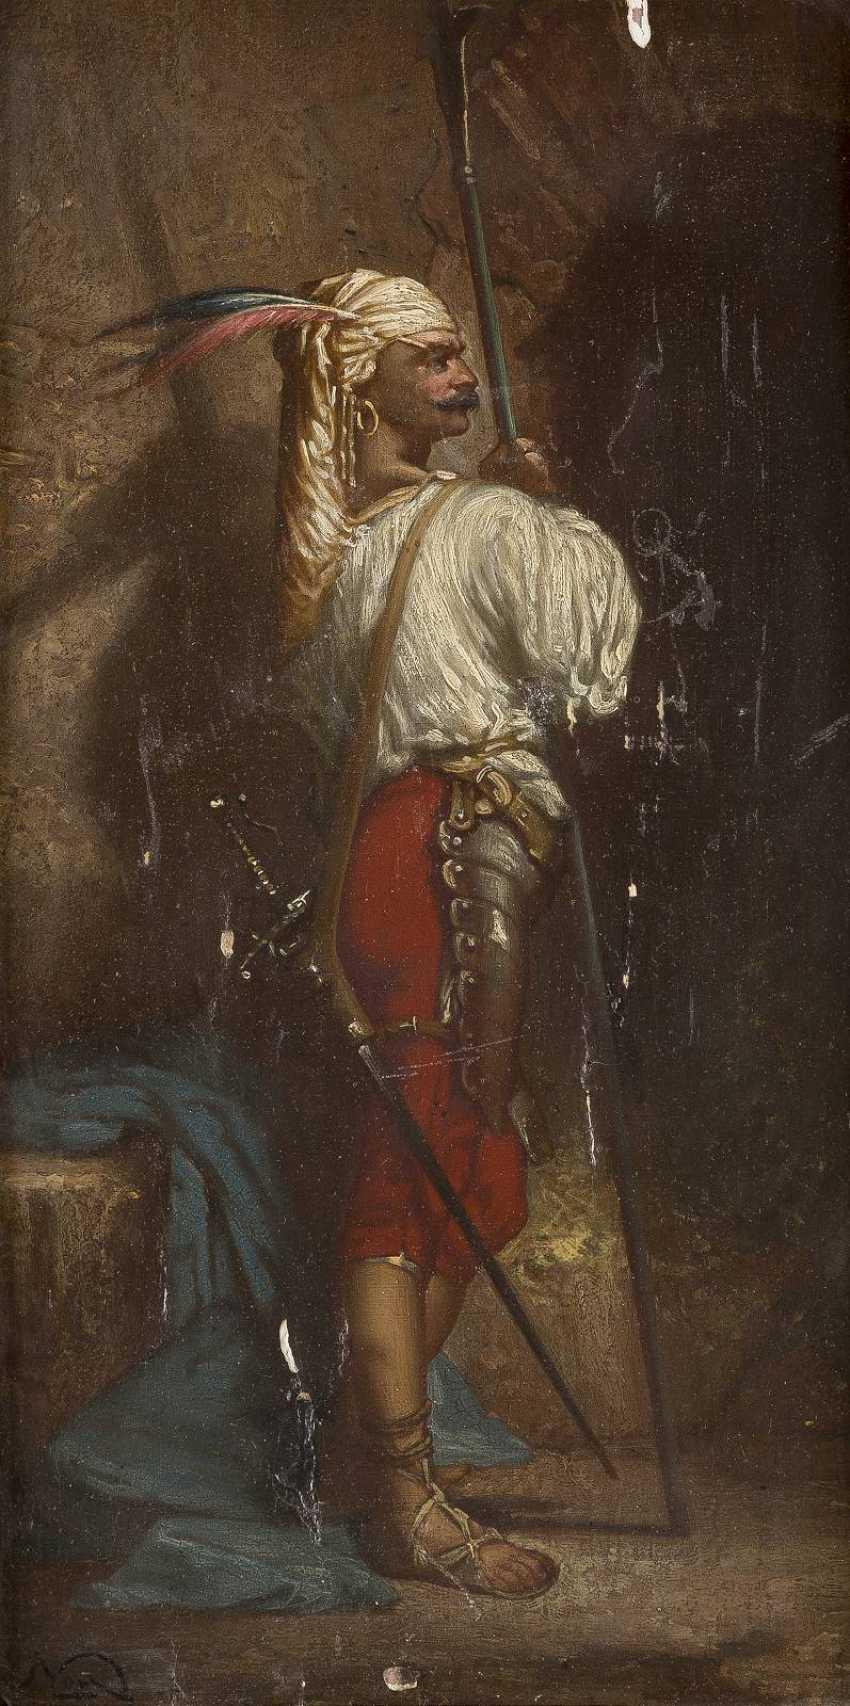 NAGY Tätig um 1900 Orientalisch anmutender Lanzenträger - photo 1